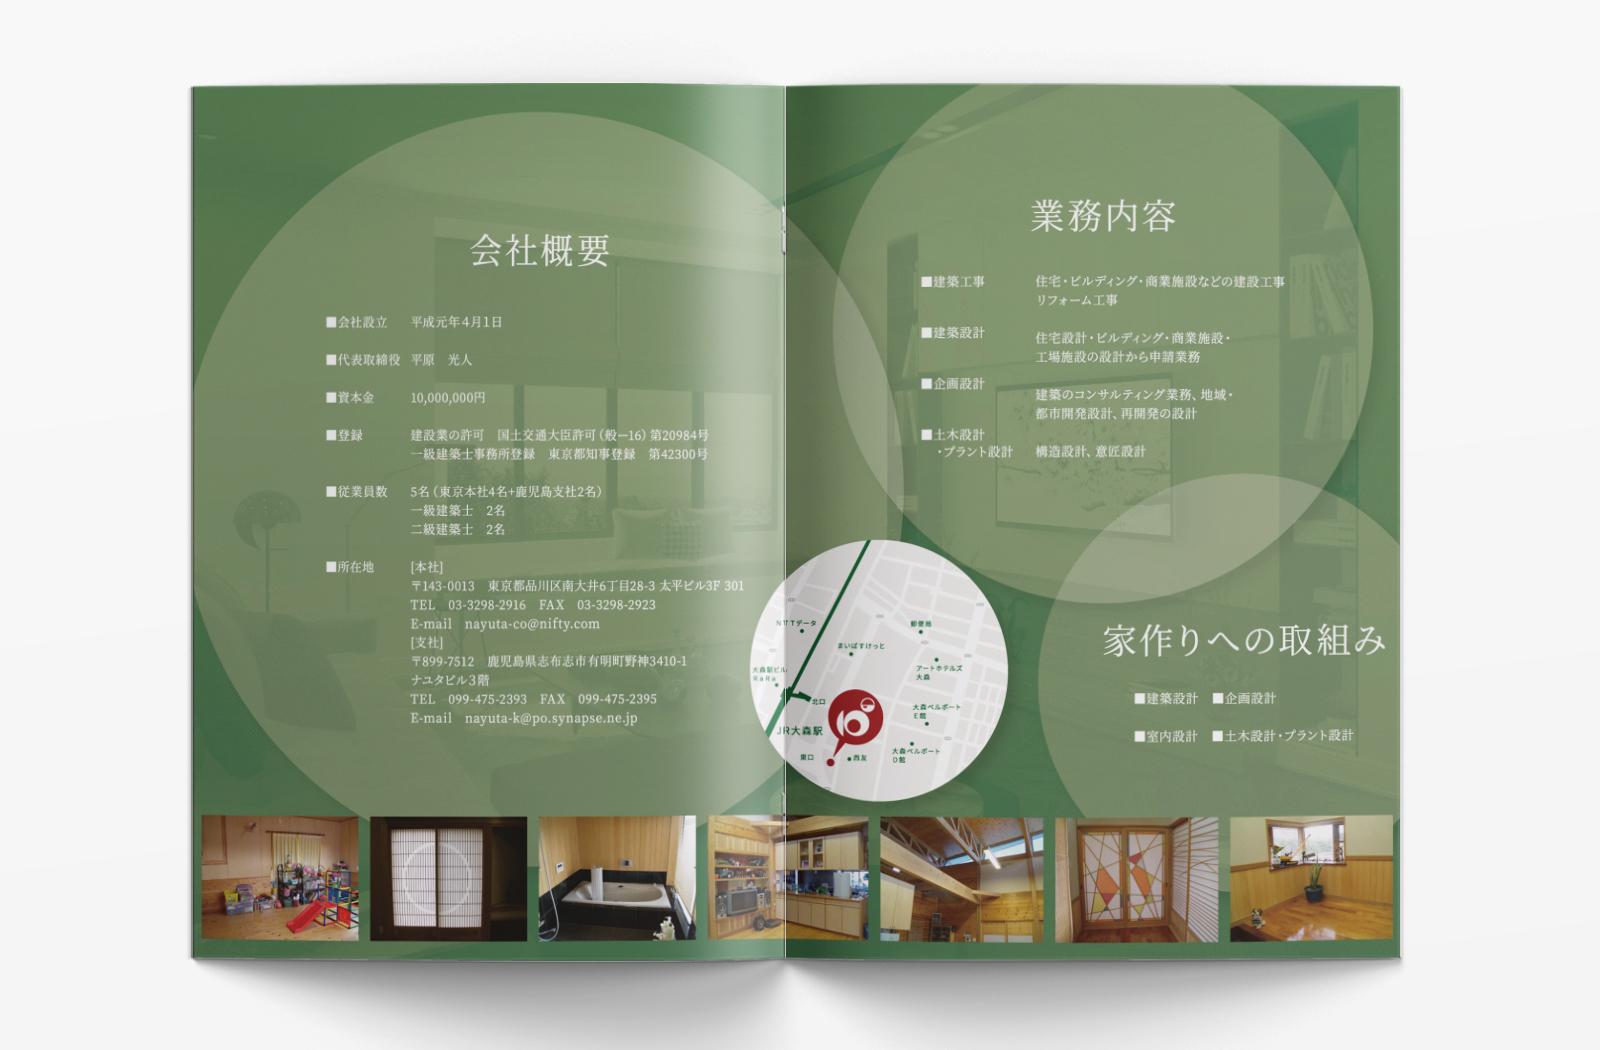 ナユタ一級建築士事務所様のパンフレットデザイン